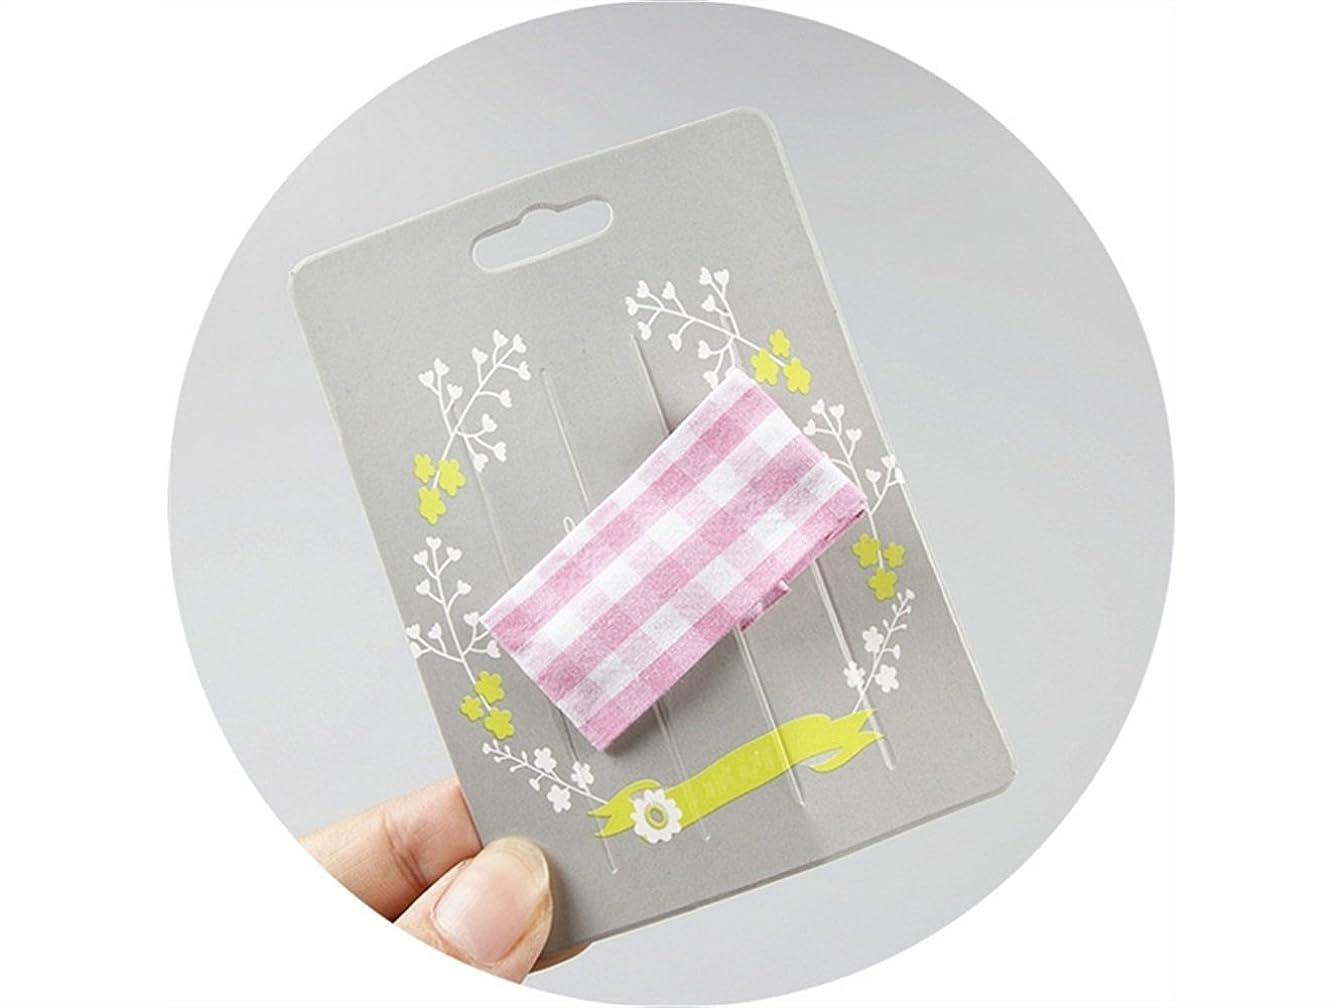 協力するインターネットすべきOsize 美しいスタイル 子供用ヘアアクセサリーチェック柄ファブリック長方形ヘアクリップダックビルクリップ(ピンク)